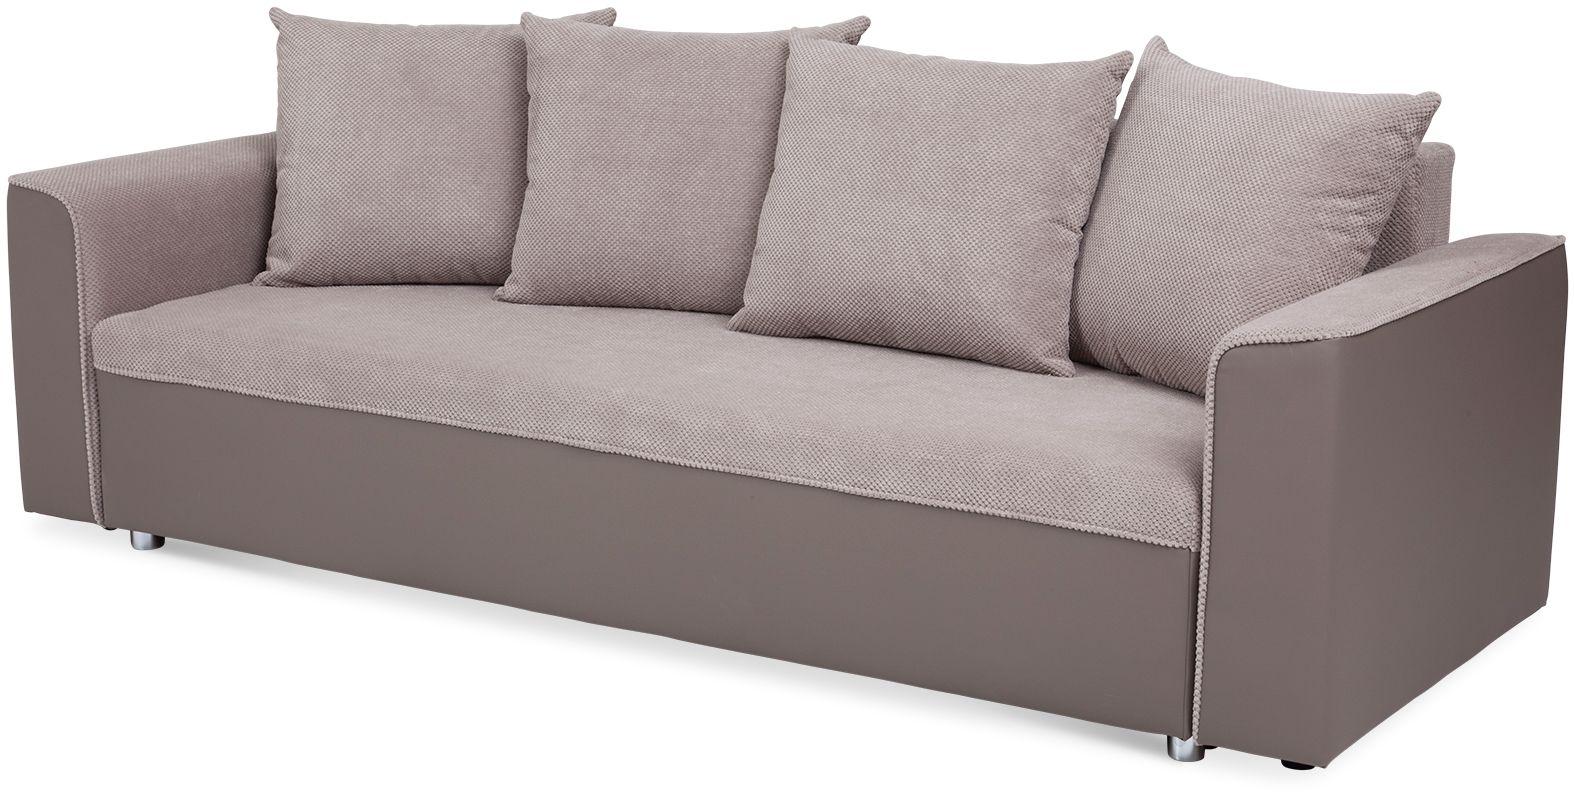 kanapa lizbona  1